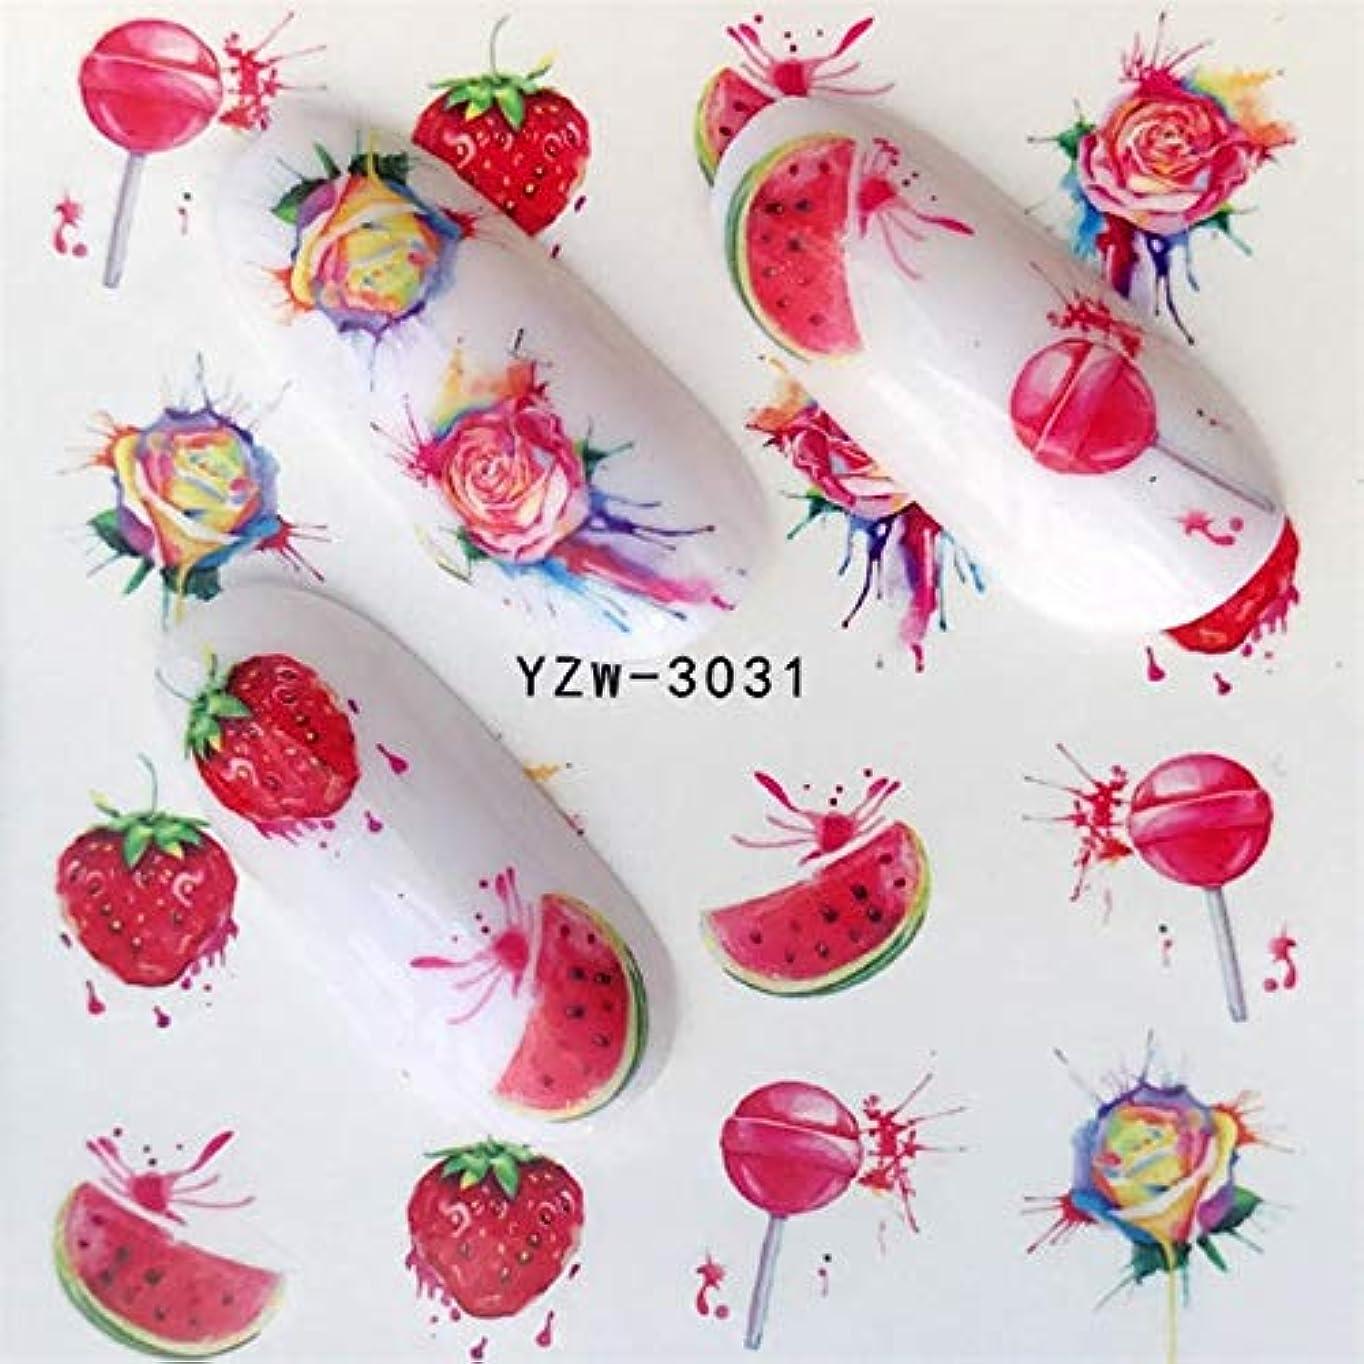 図割る思い出すCELINEZL CELINEZL 5個ウォータートランスファーステッカーデカールフラワーステッカーネイル用、カラー:YZW-3031